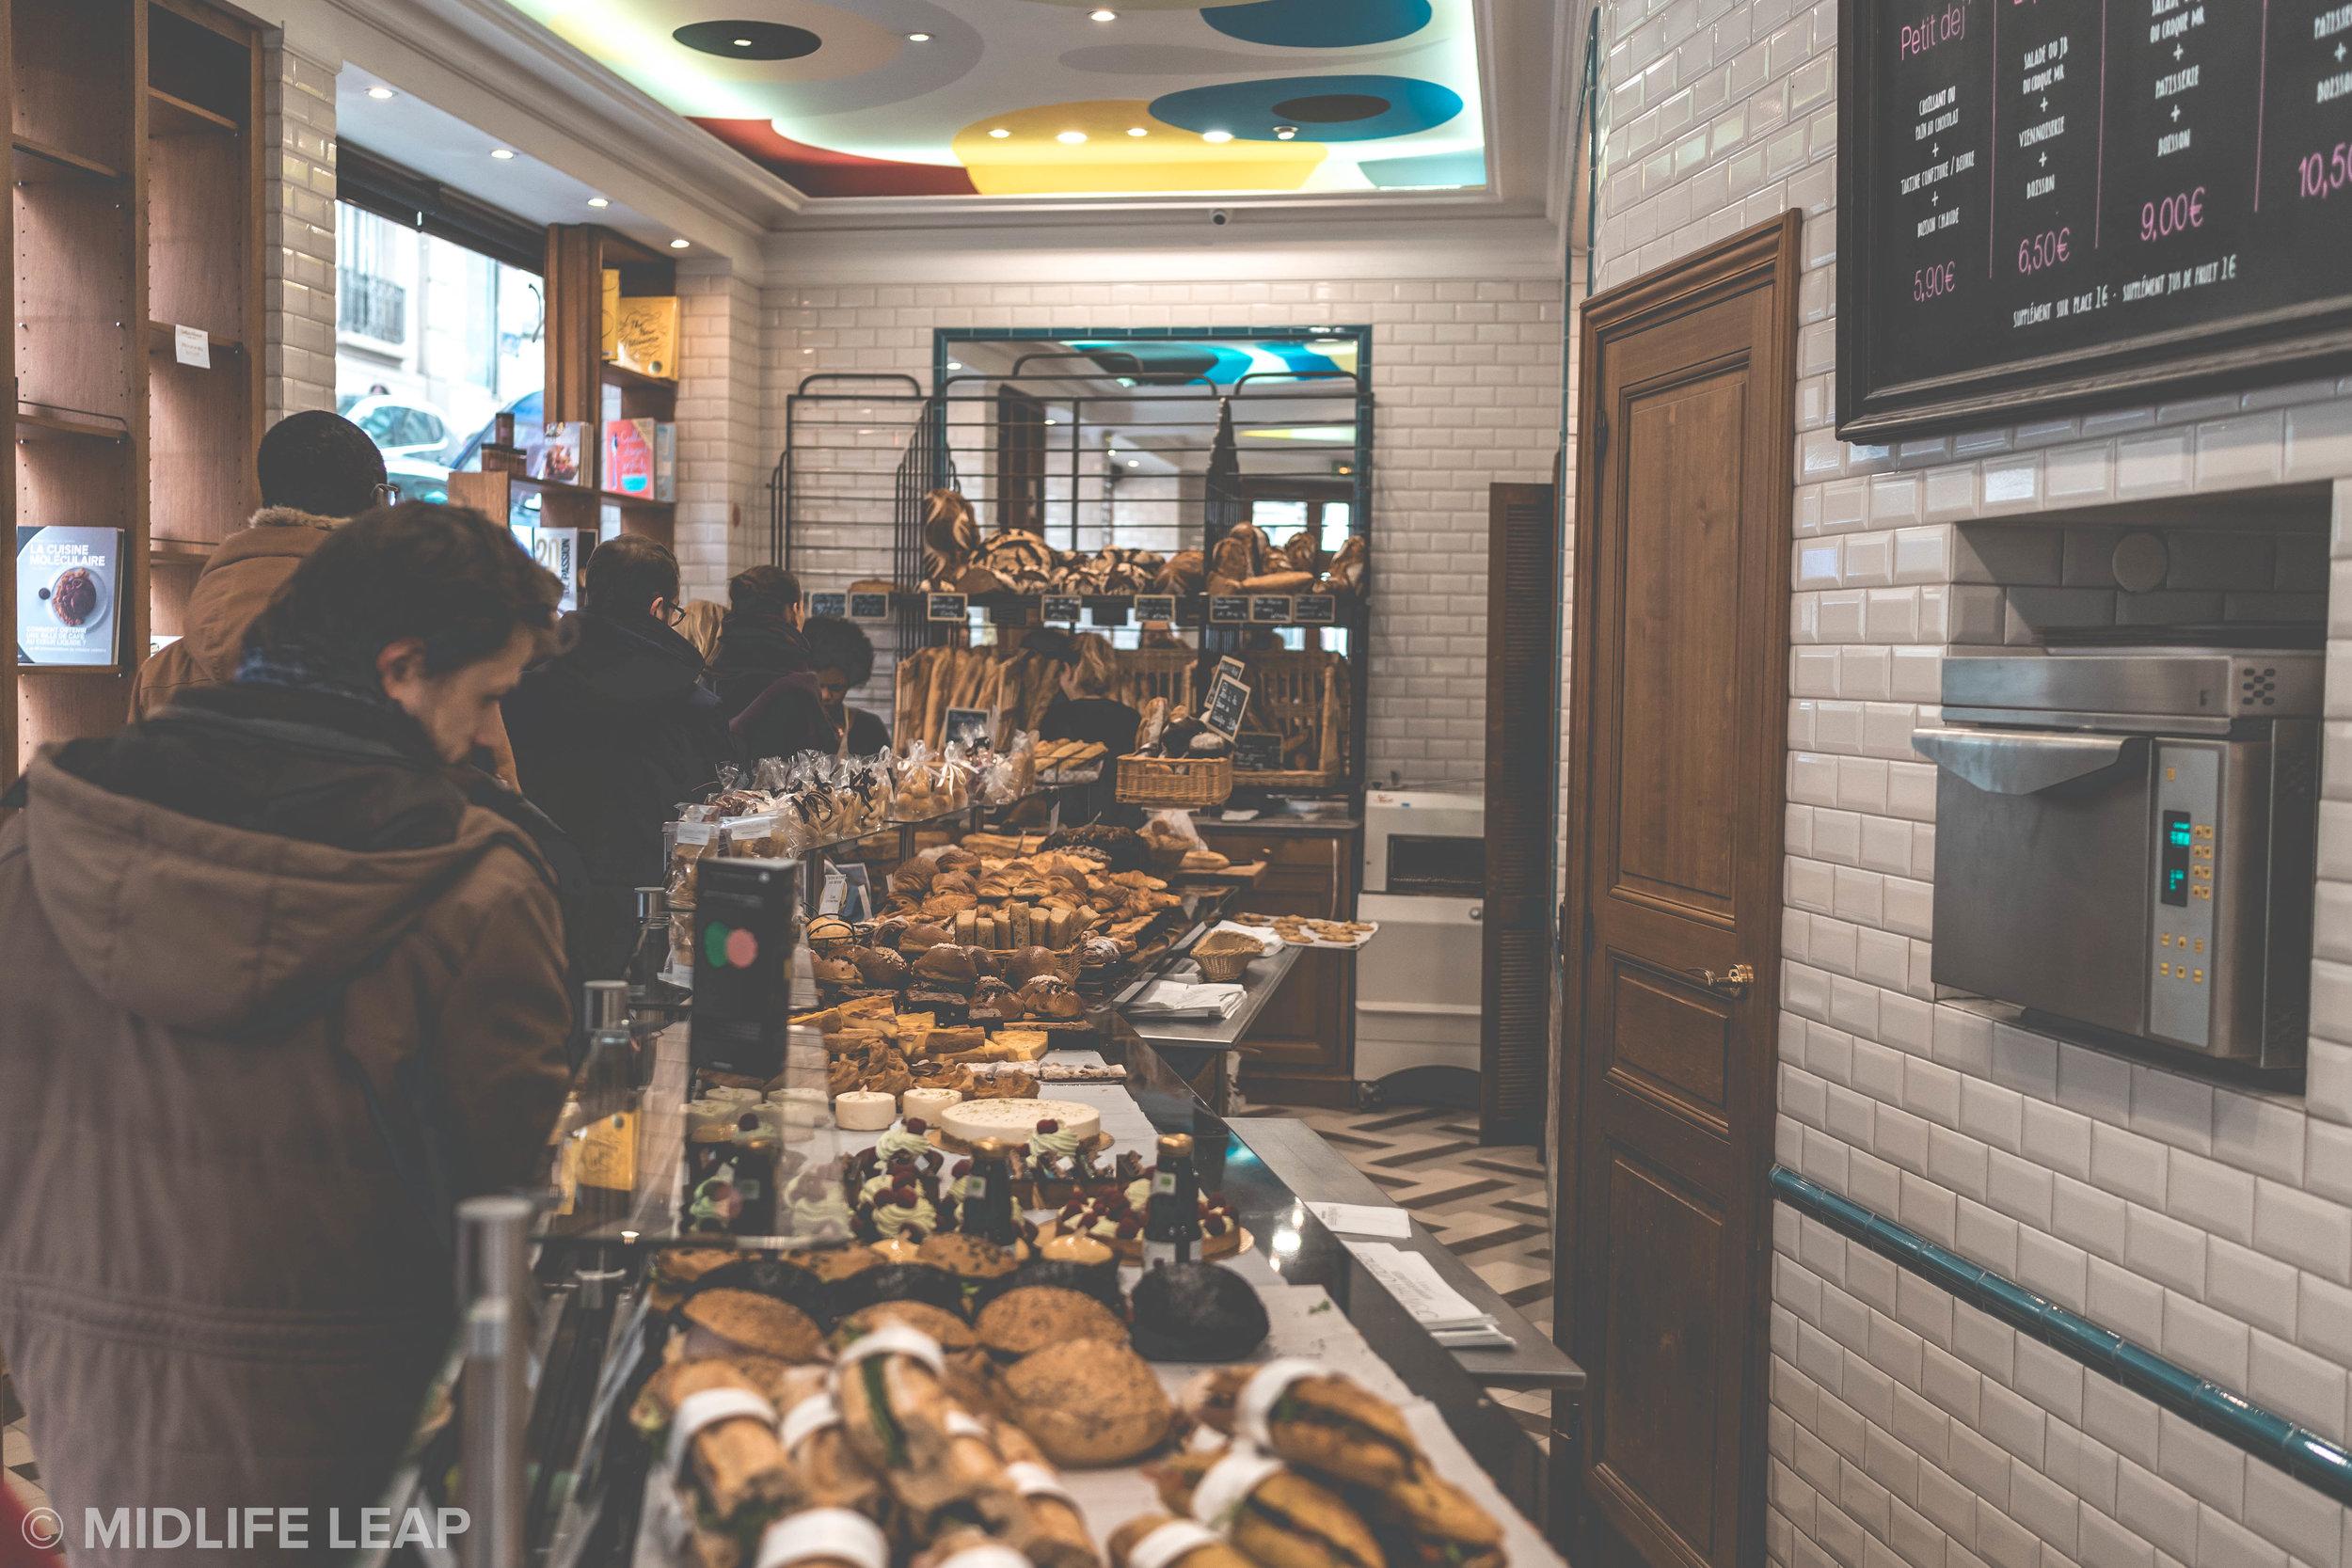 gontran-cherrier-where-to-eat-in-montmartre-18th-arrondissement-paris